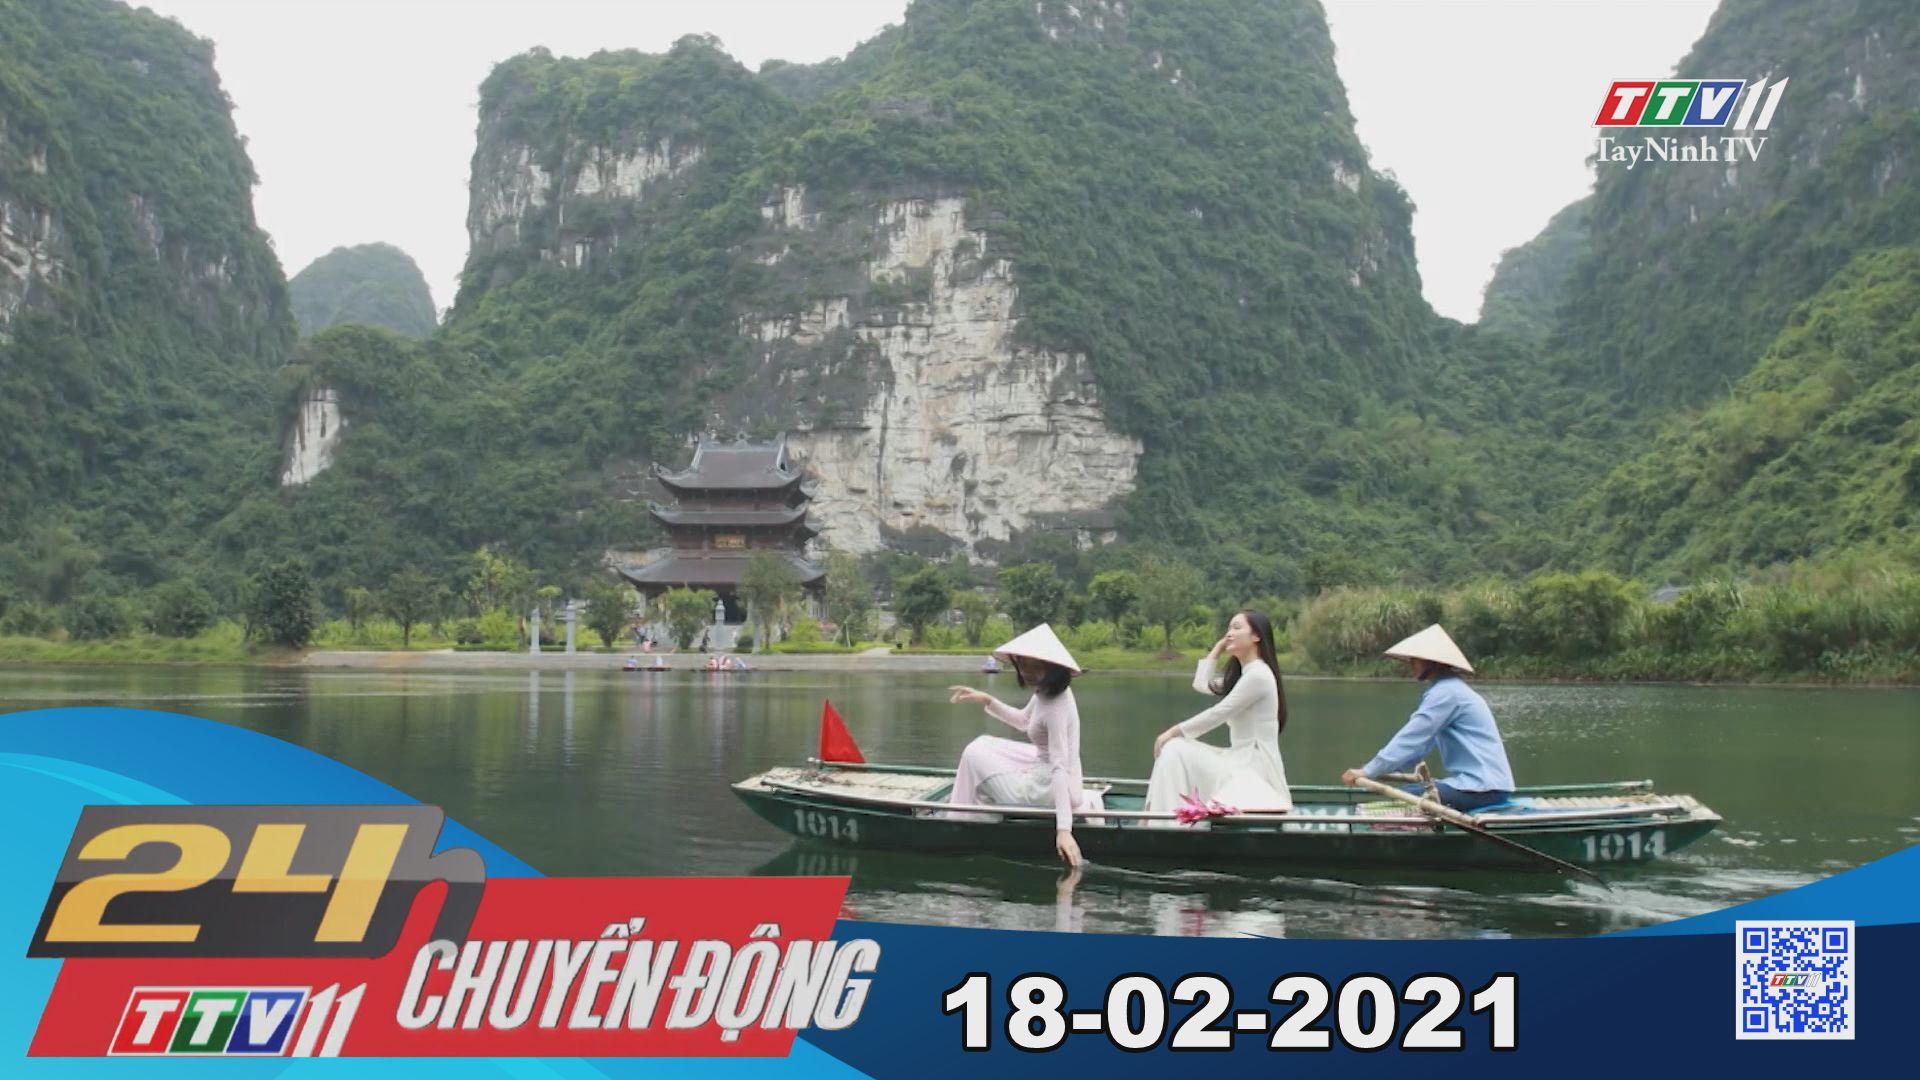 24h Chuyển động 18-02-2021 | Tin tức hôm nay | TayNinhTV